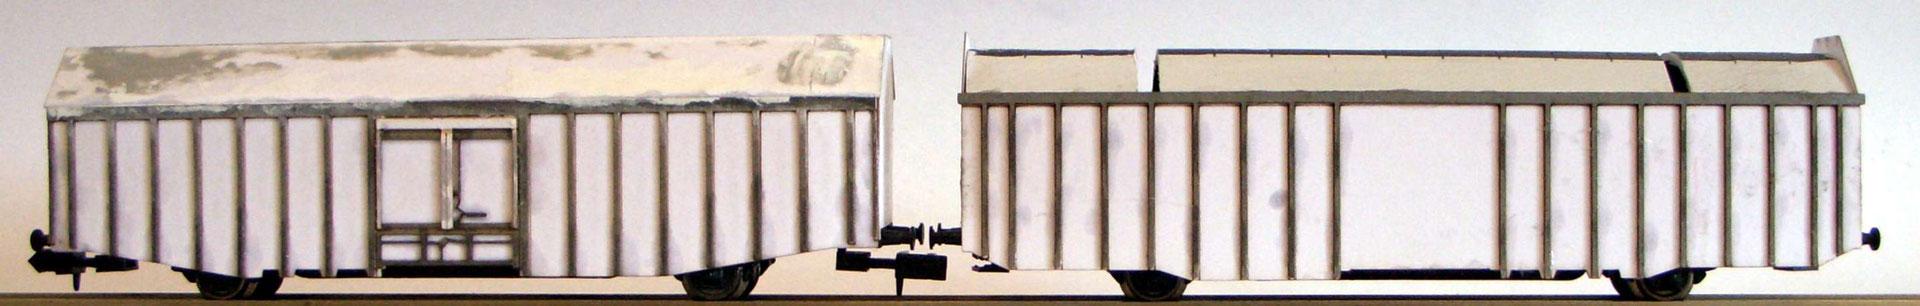 Interimsaufnahme der beiden Waggons während der Bauphase